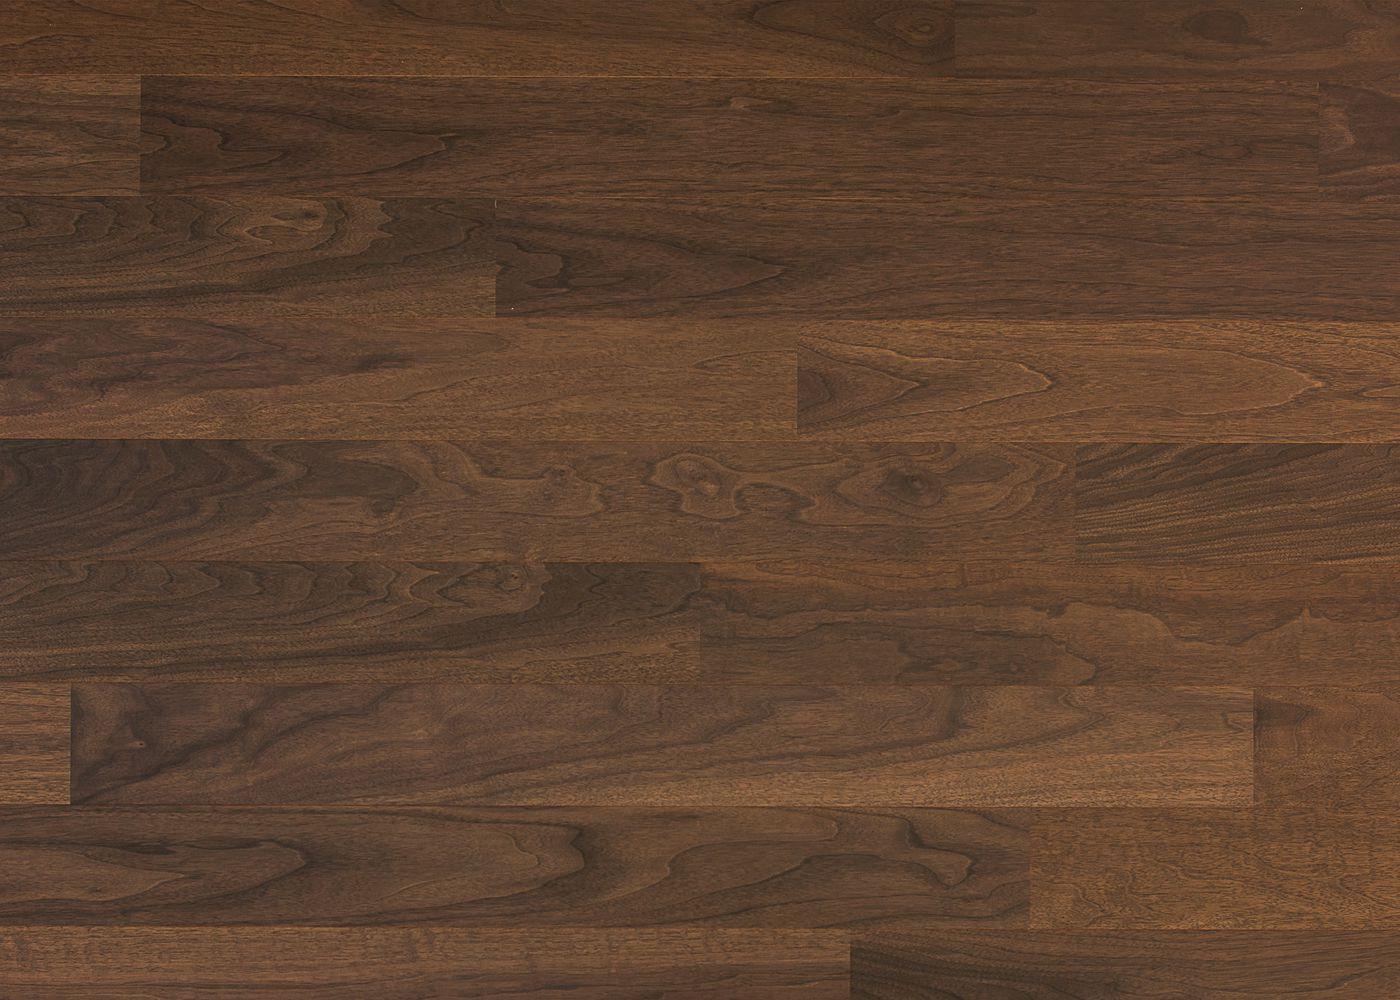 Sol plaqué bois Noyer brossé vernis extra-mat - Lounge - Select 8x124x1203